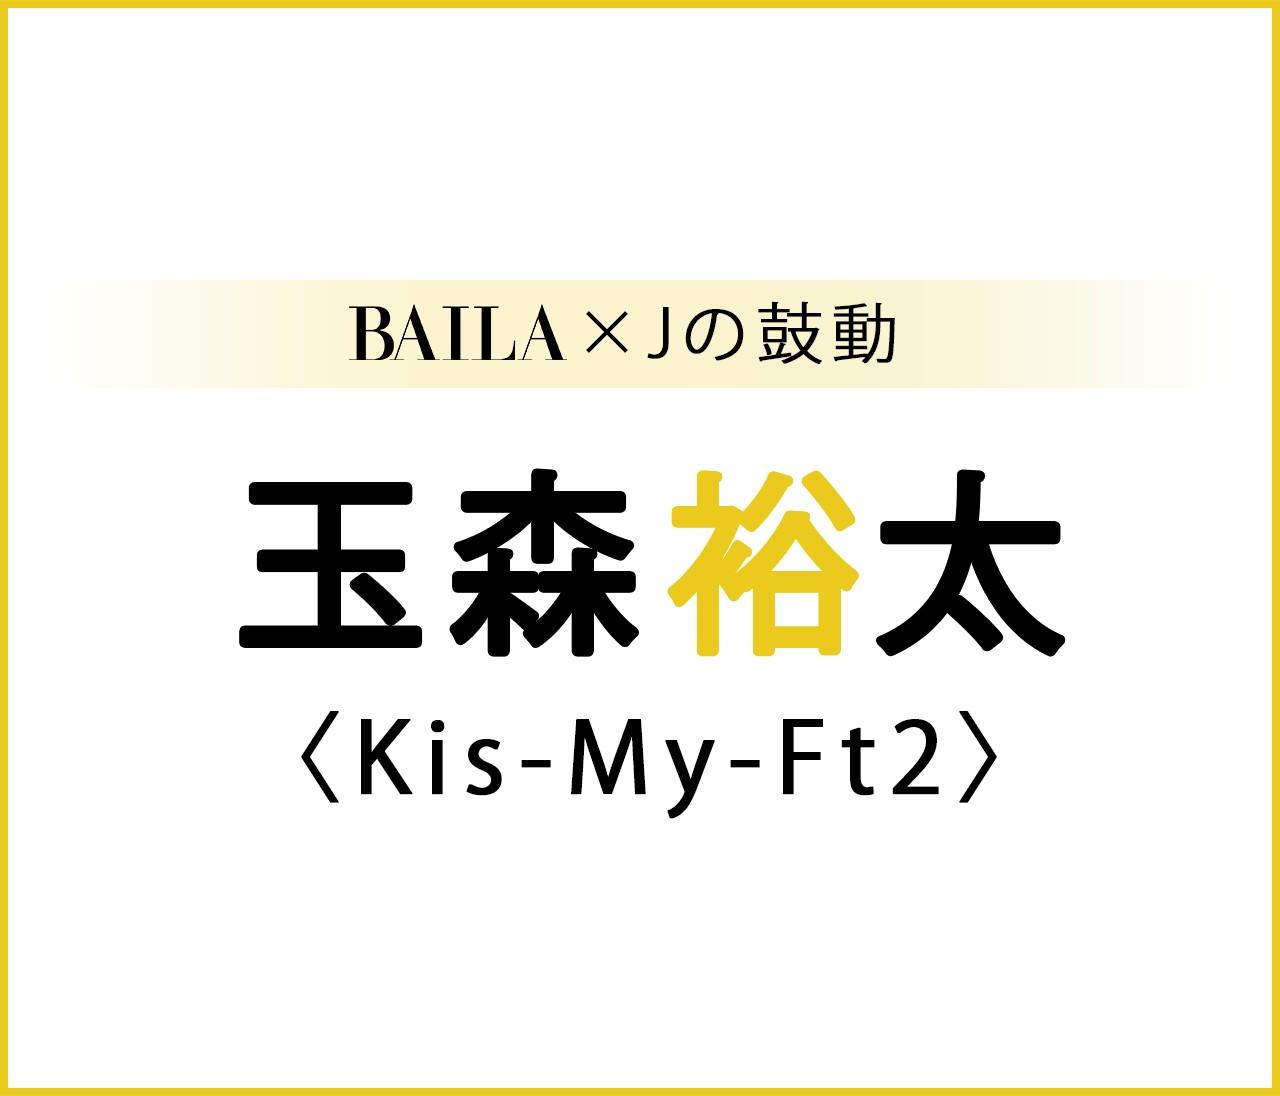 【 #KisMyFt2 #玉森裕太 】Kis-My-Ft2 玉森裕太スペシャルインタビュー!【BAILA × Jの鼓動】